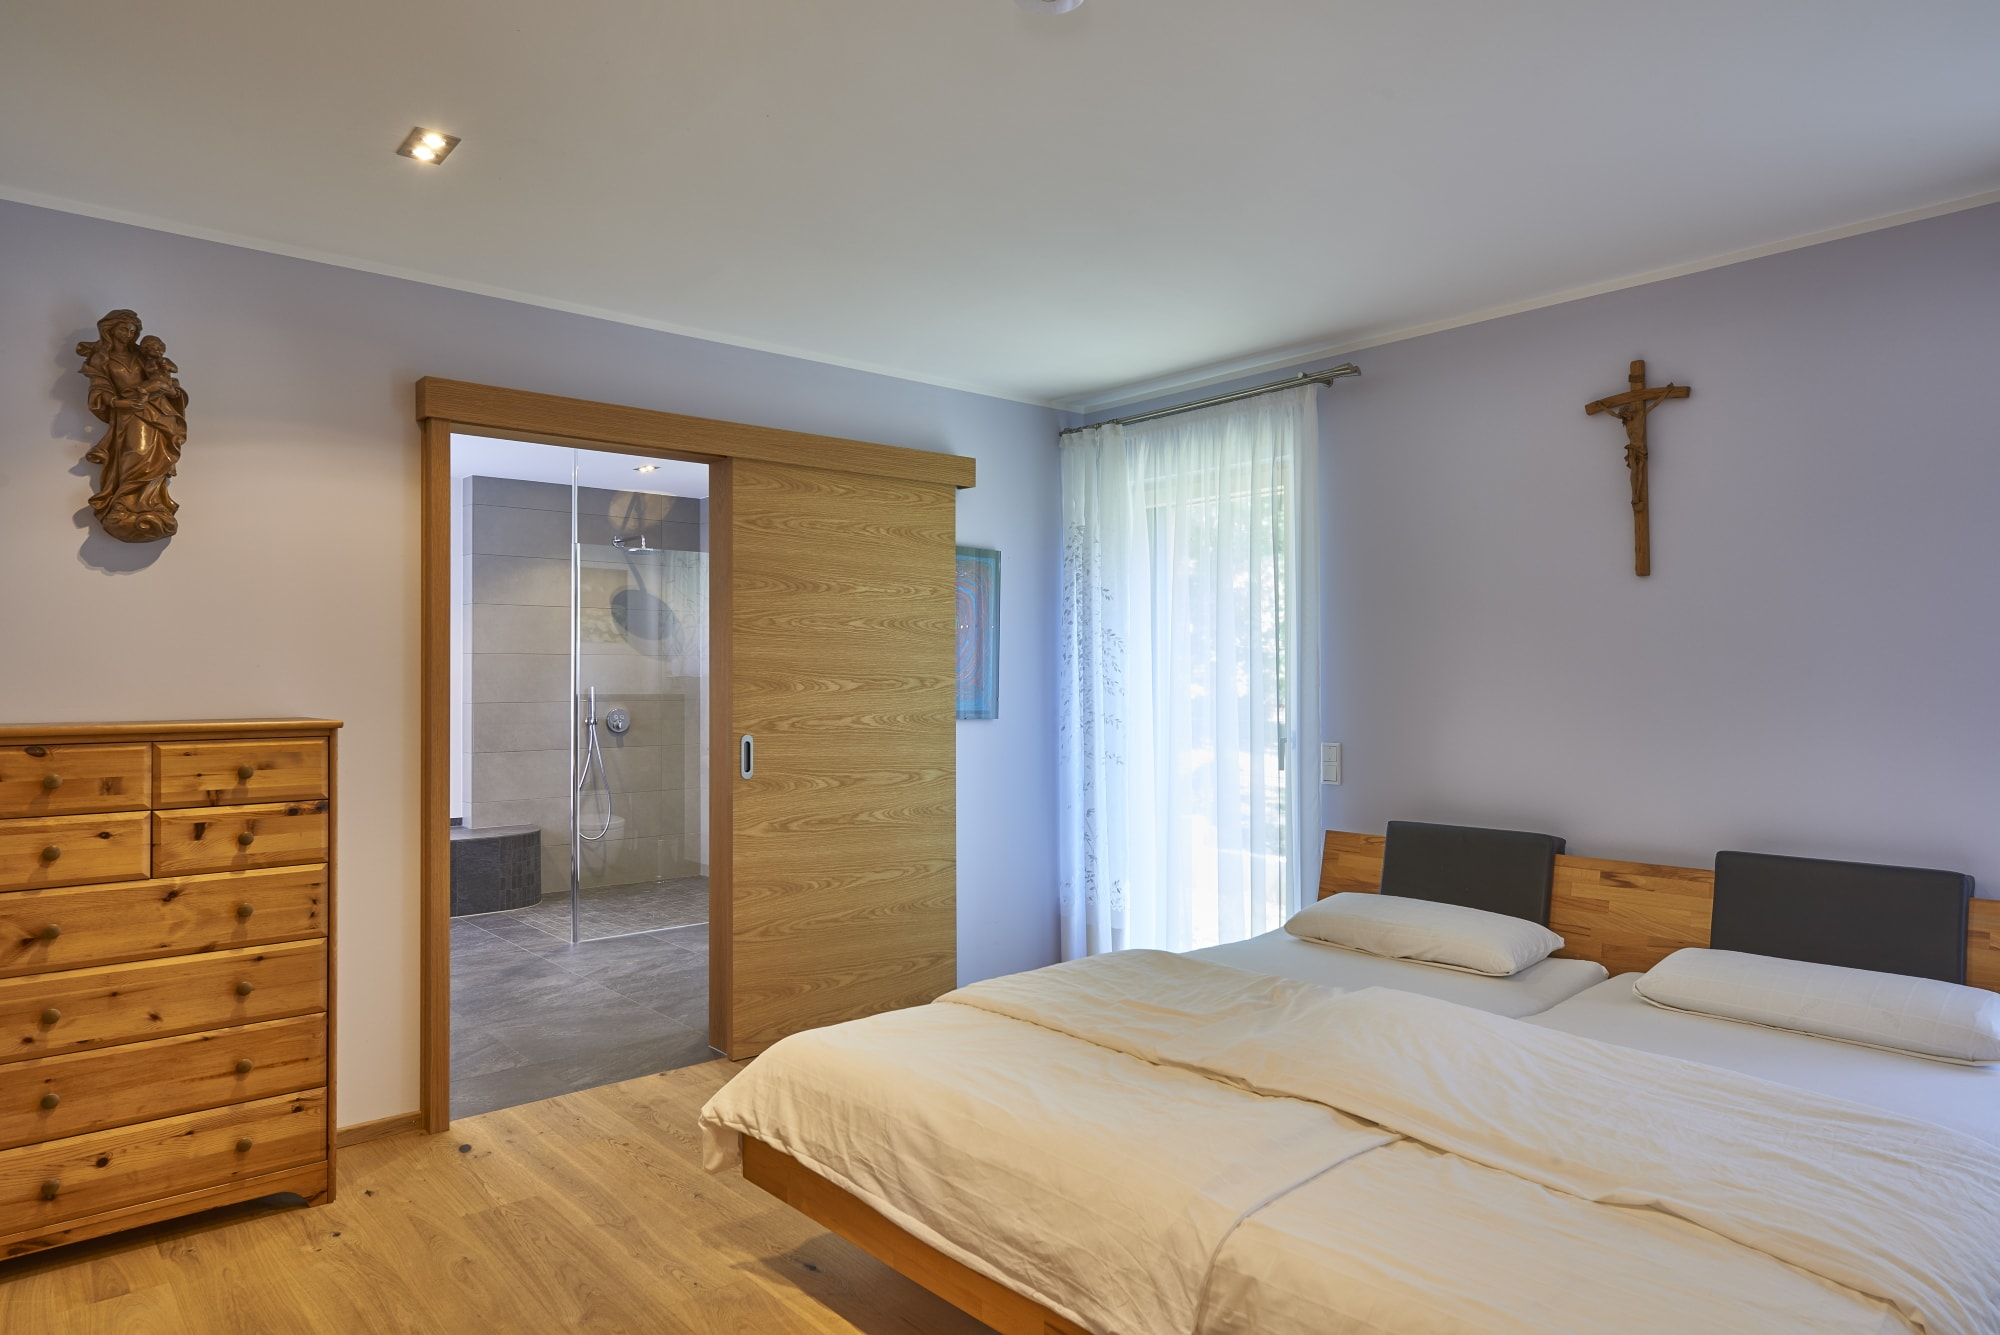 Schlafzimmer barrierefrei mit Schiebetür zum Badezimmer - Haus Design innen Holzhaus Baufritz ÖKOHAUS SCHWEIGER - HausbauDirekt.de